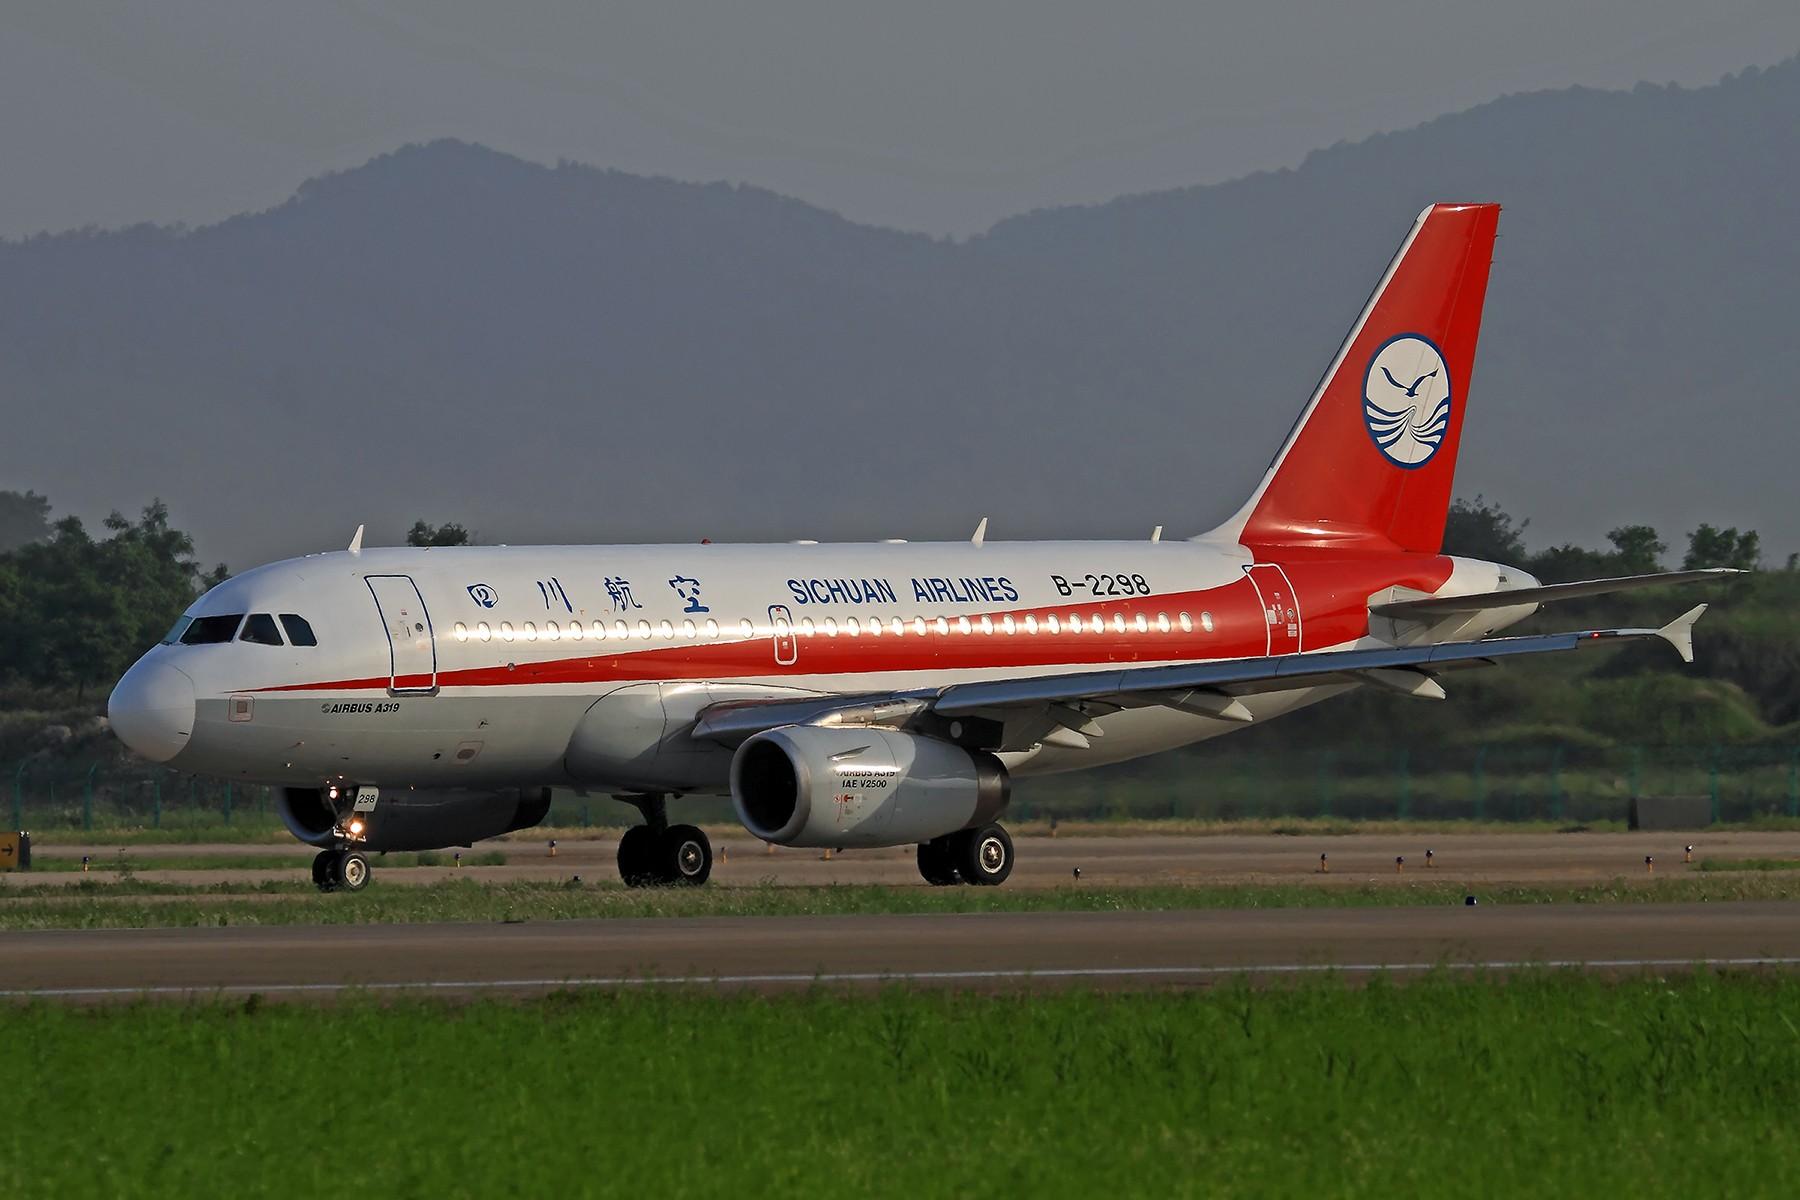 Re:[原创]NKG--耀武洞洞和摇把洞洞,三咚咚咚是王道啊 AIRBUS A319-100 B-2298 中国南京禄口机场